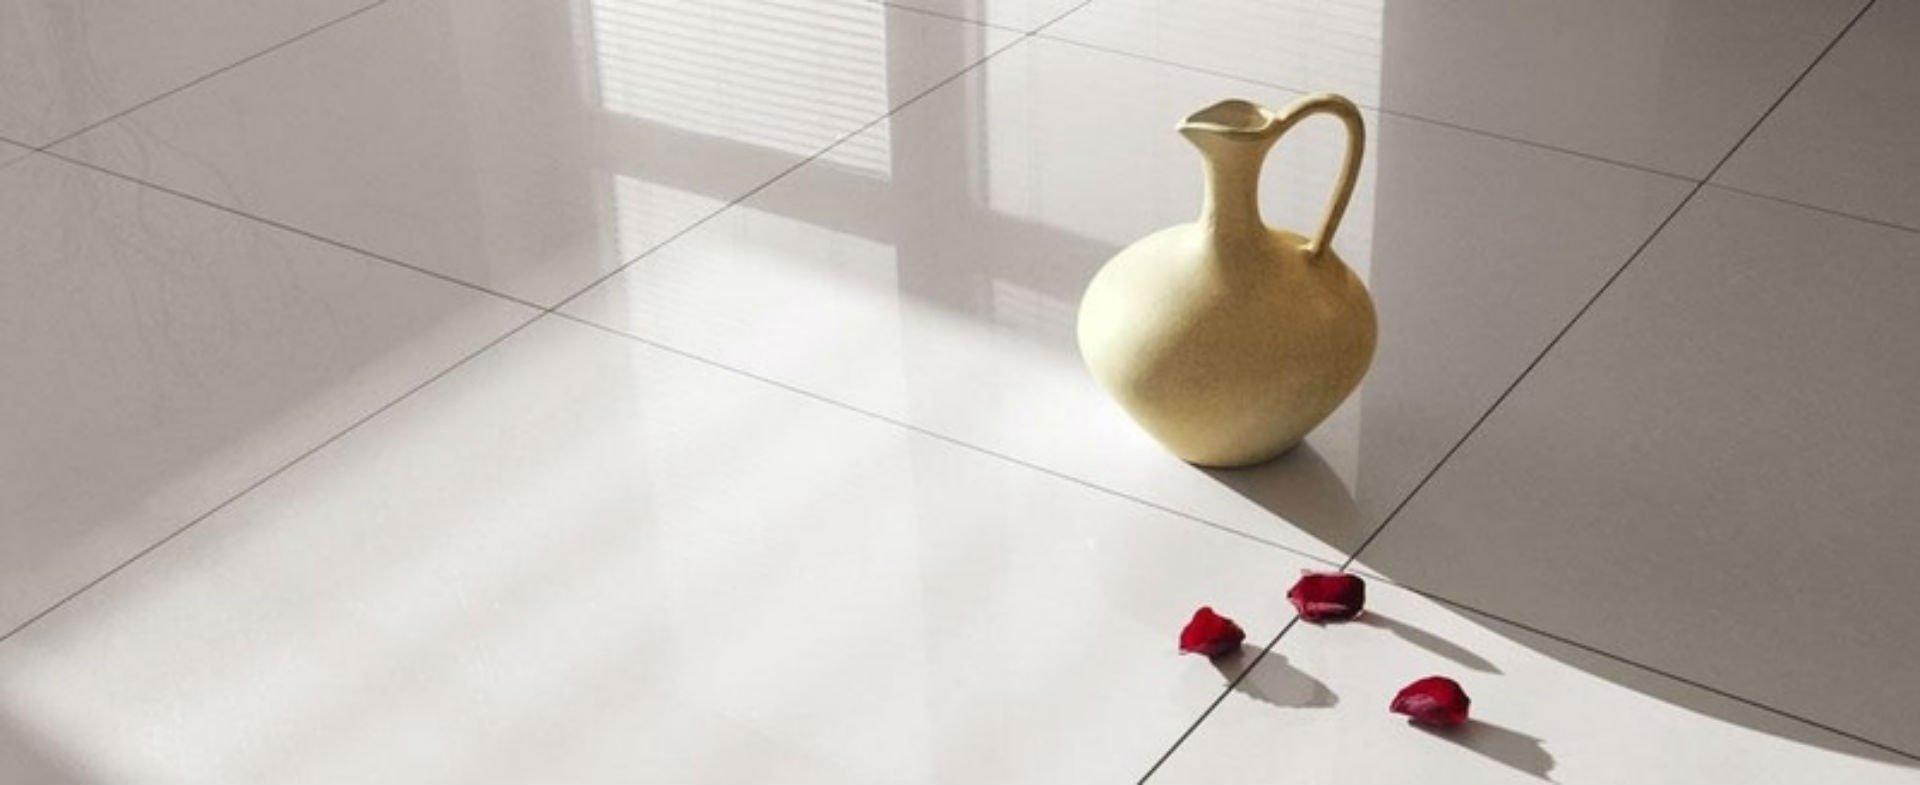 un pavimento in piastrelle bianche e una brocca